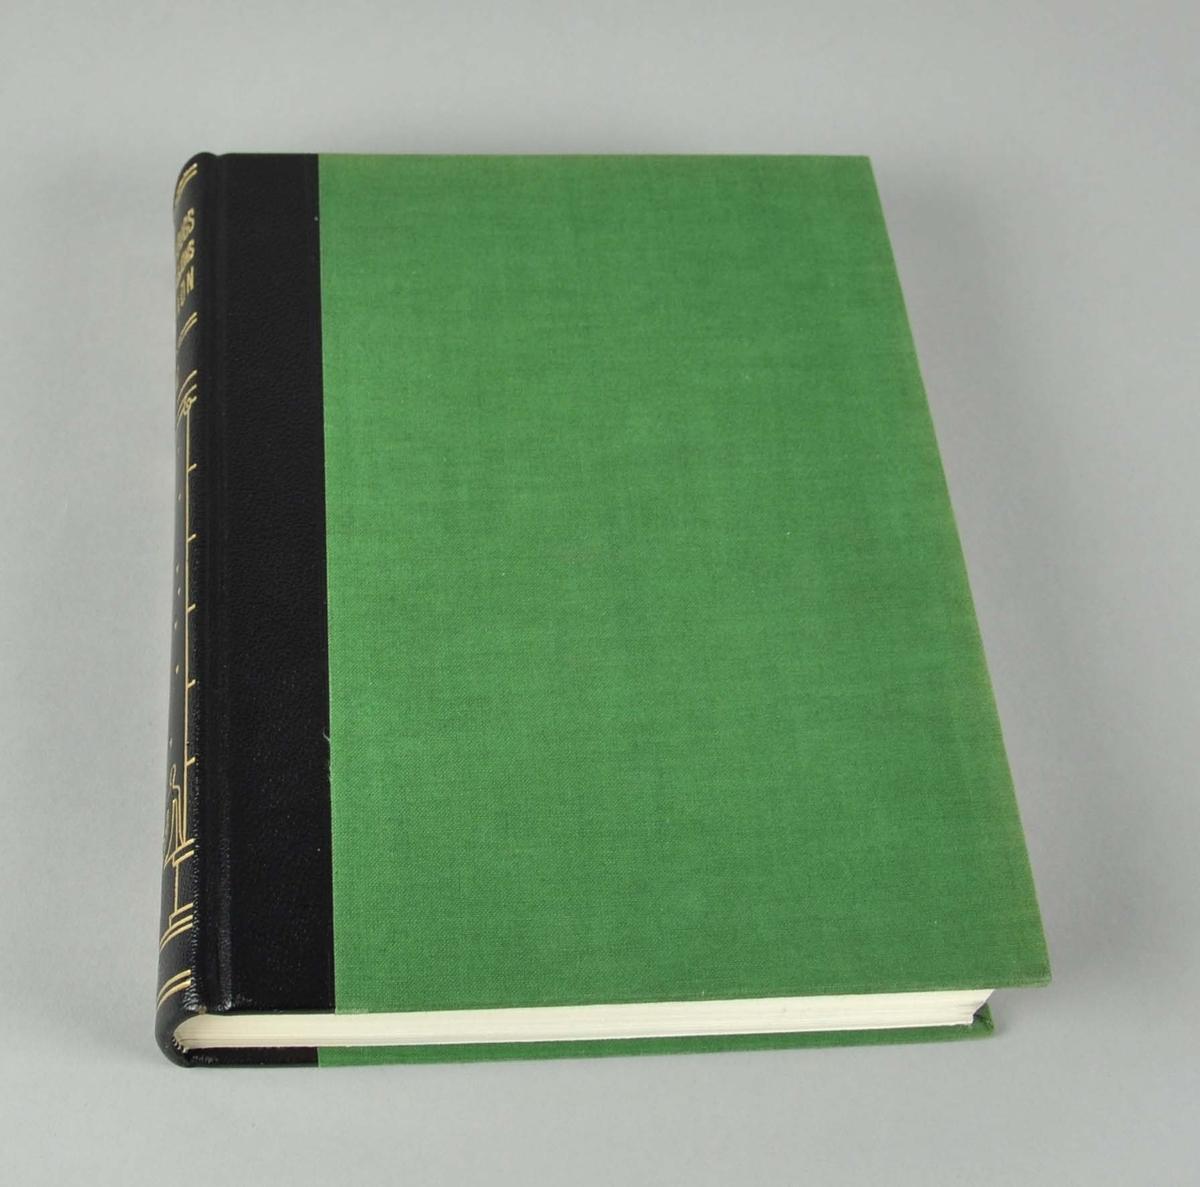 1020 sider.